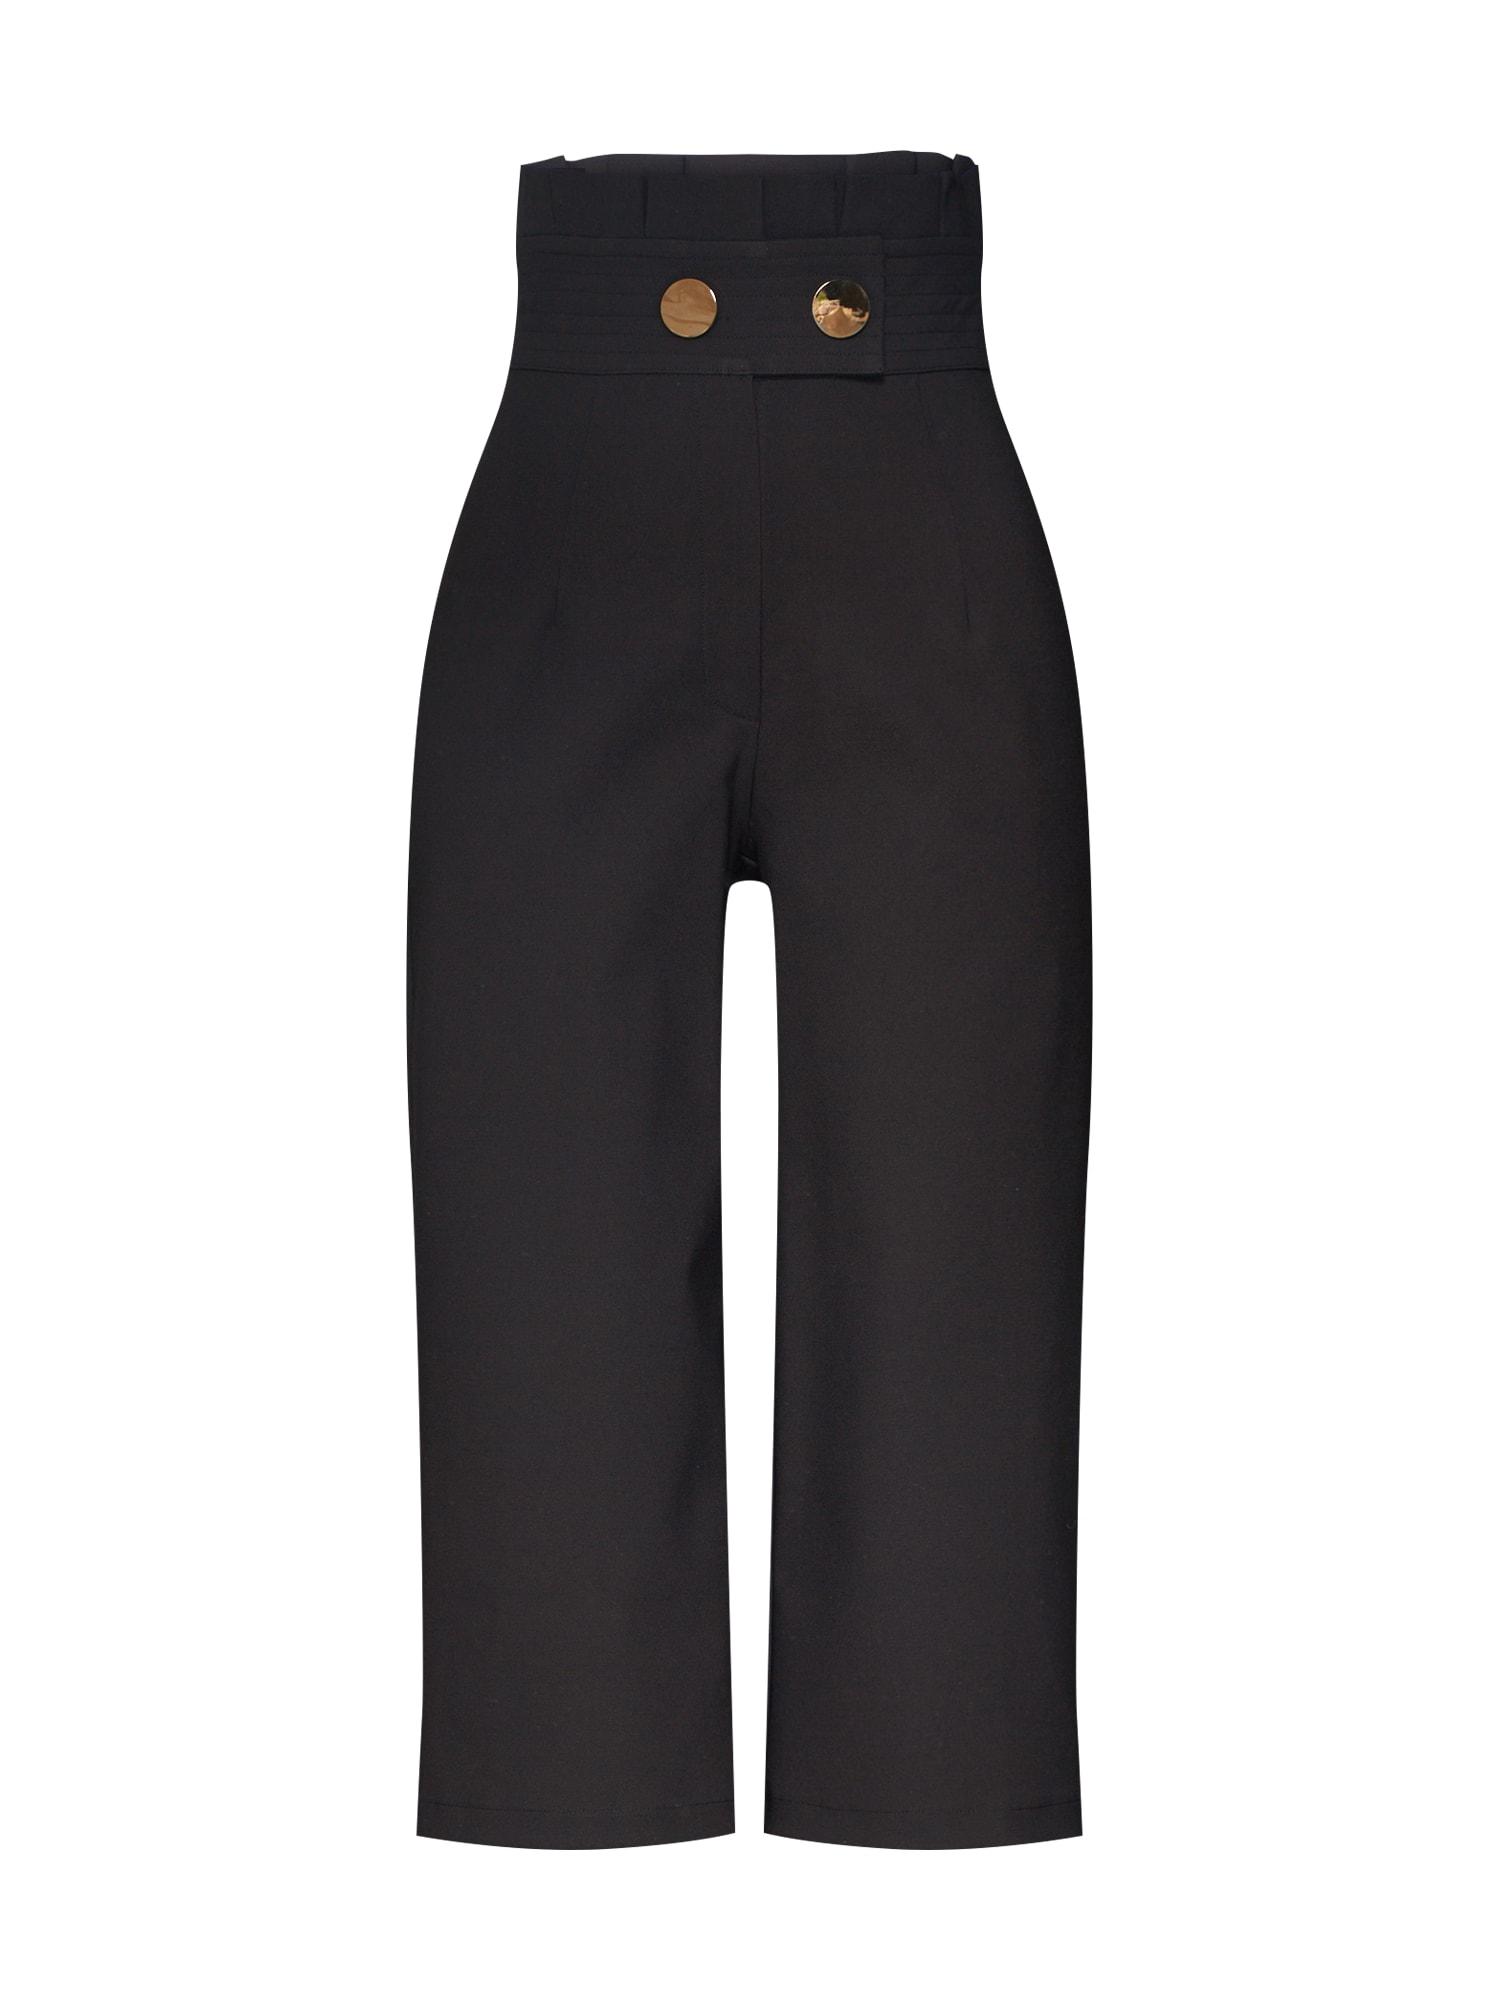 Kalhoty PENNY CULOTTE černá 4th & Reckless